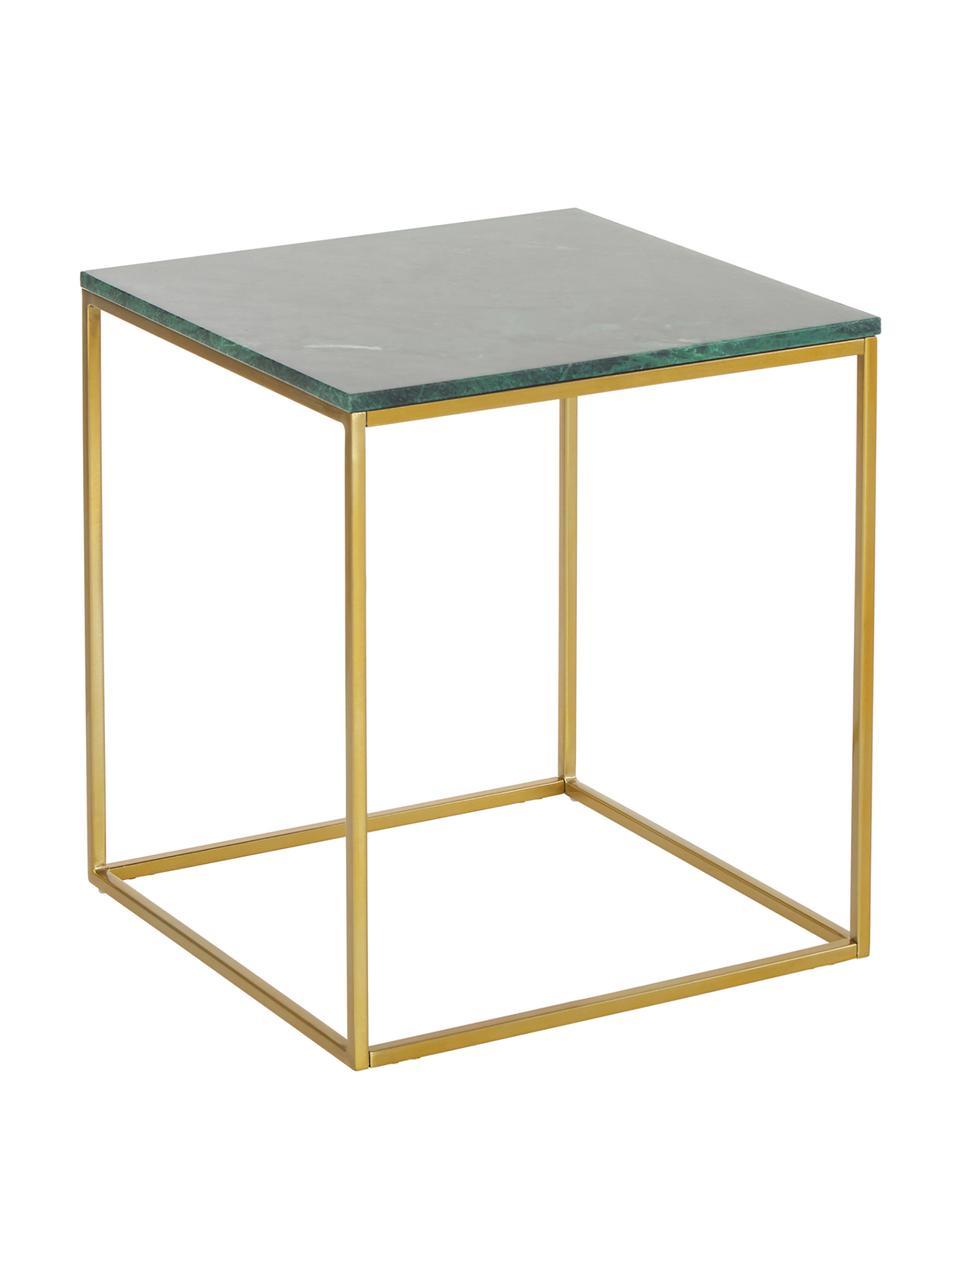 Tavolino con piano in marmo Alys, Struttura: metallo verniciato a polv, Marmo verde, dorato, Larg. 45 x Alt. 50 cm